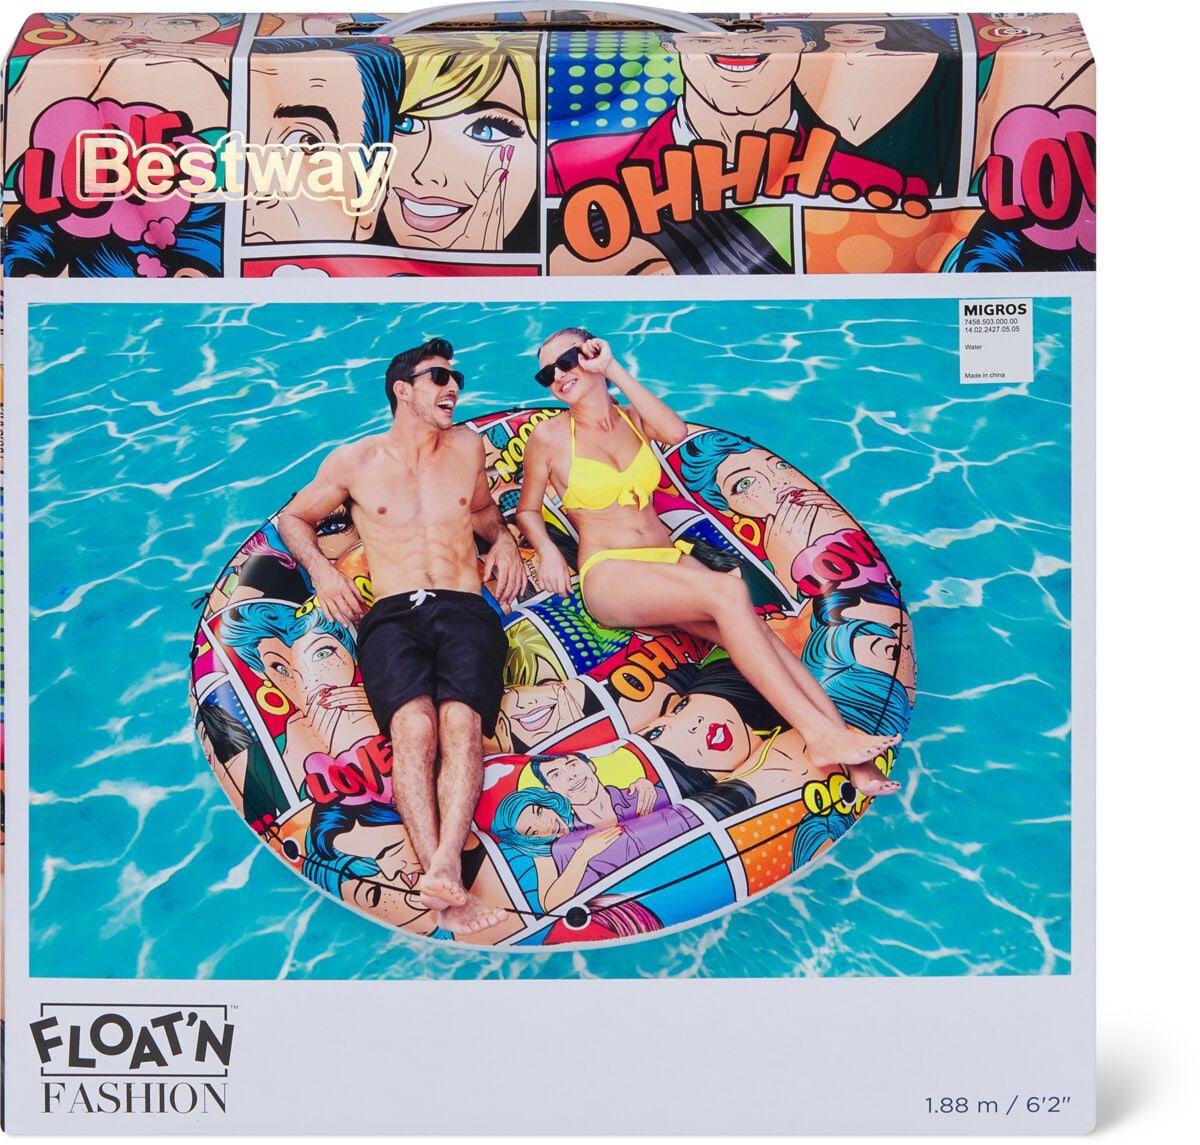 Bestway Bestway Inflatable Pop Art Island